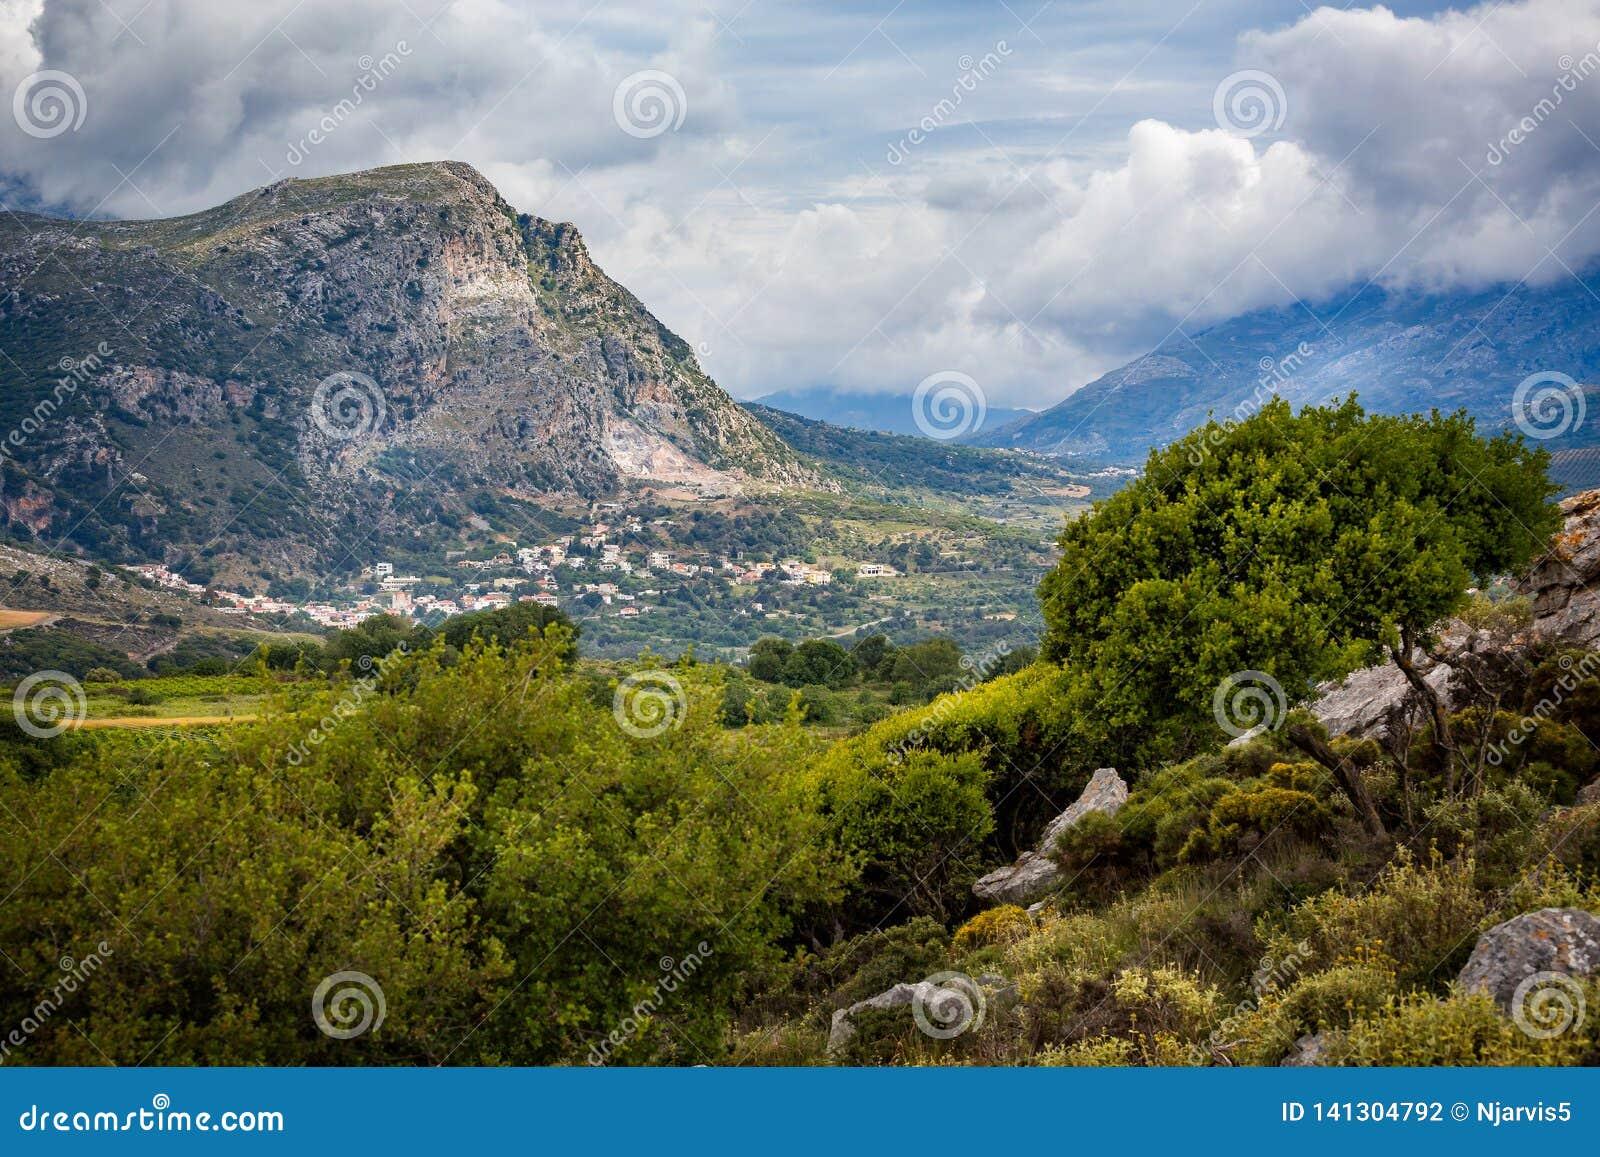 Paysage montagneux de Crète intérieure, Grèce